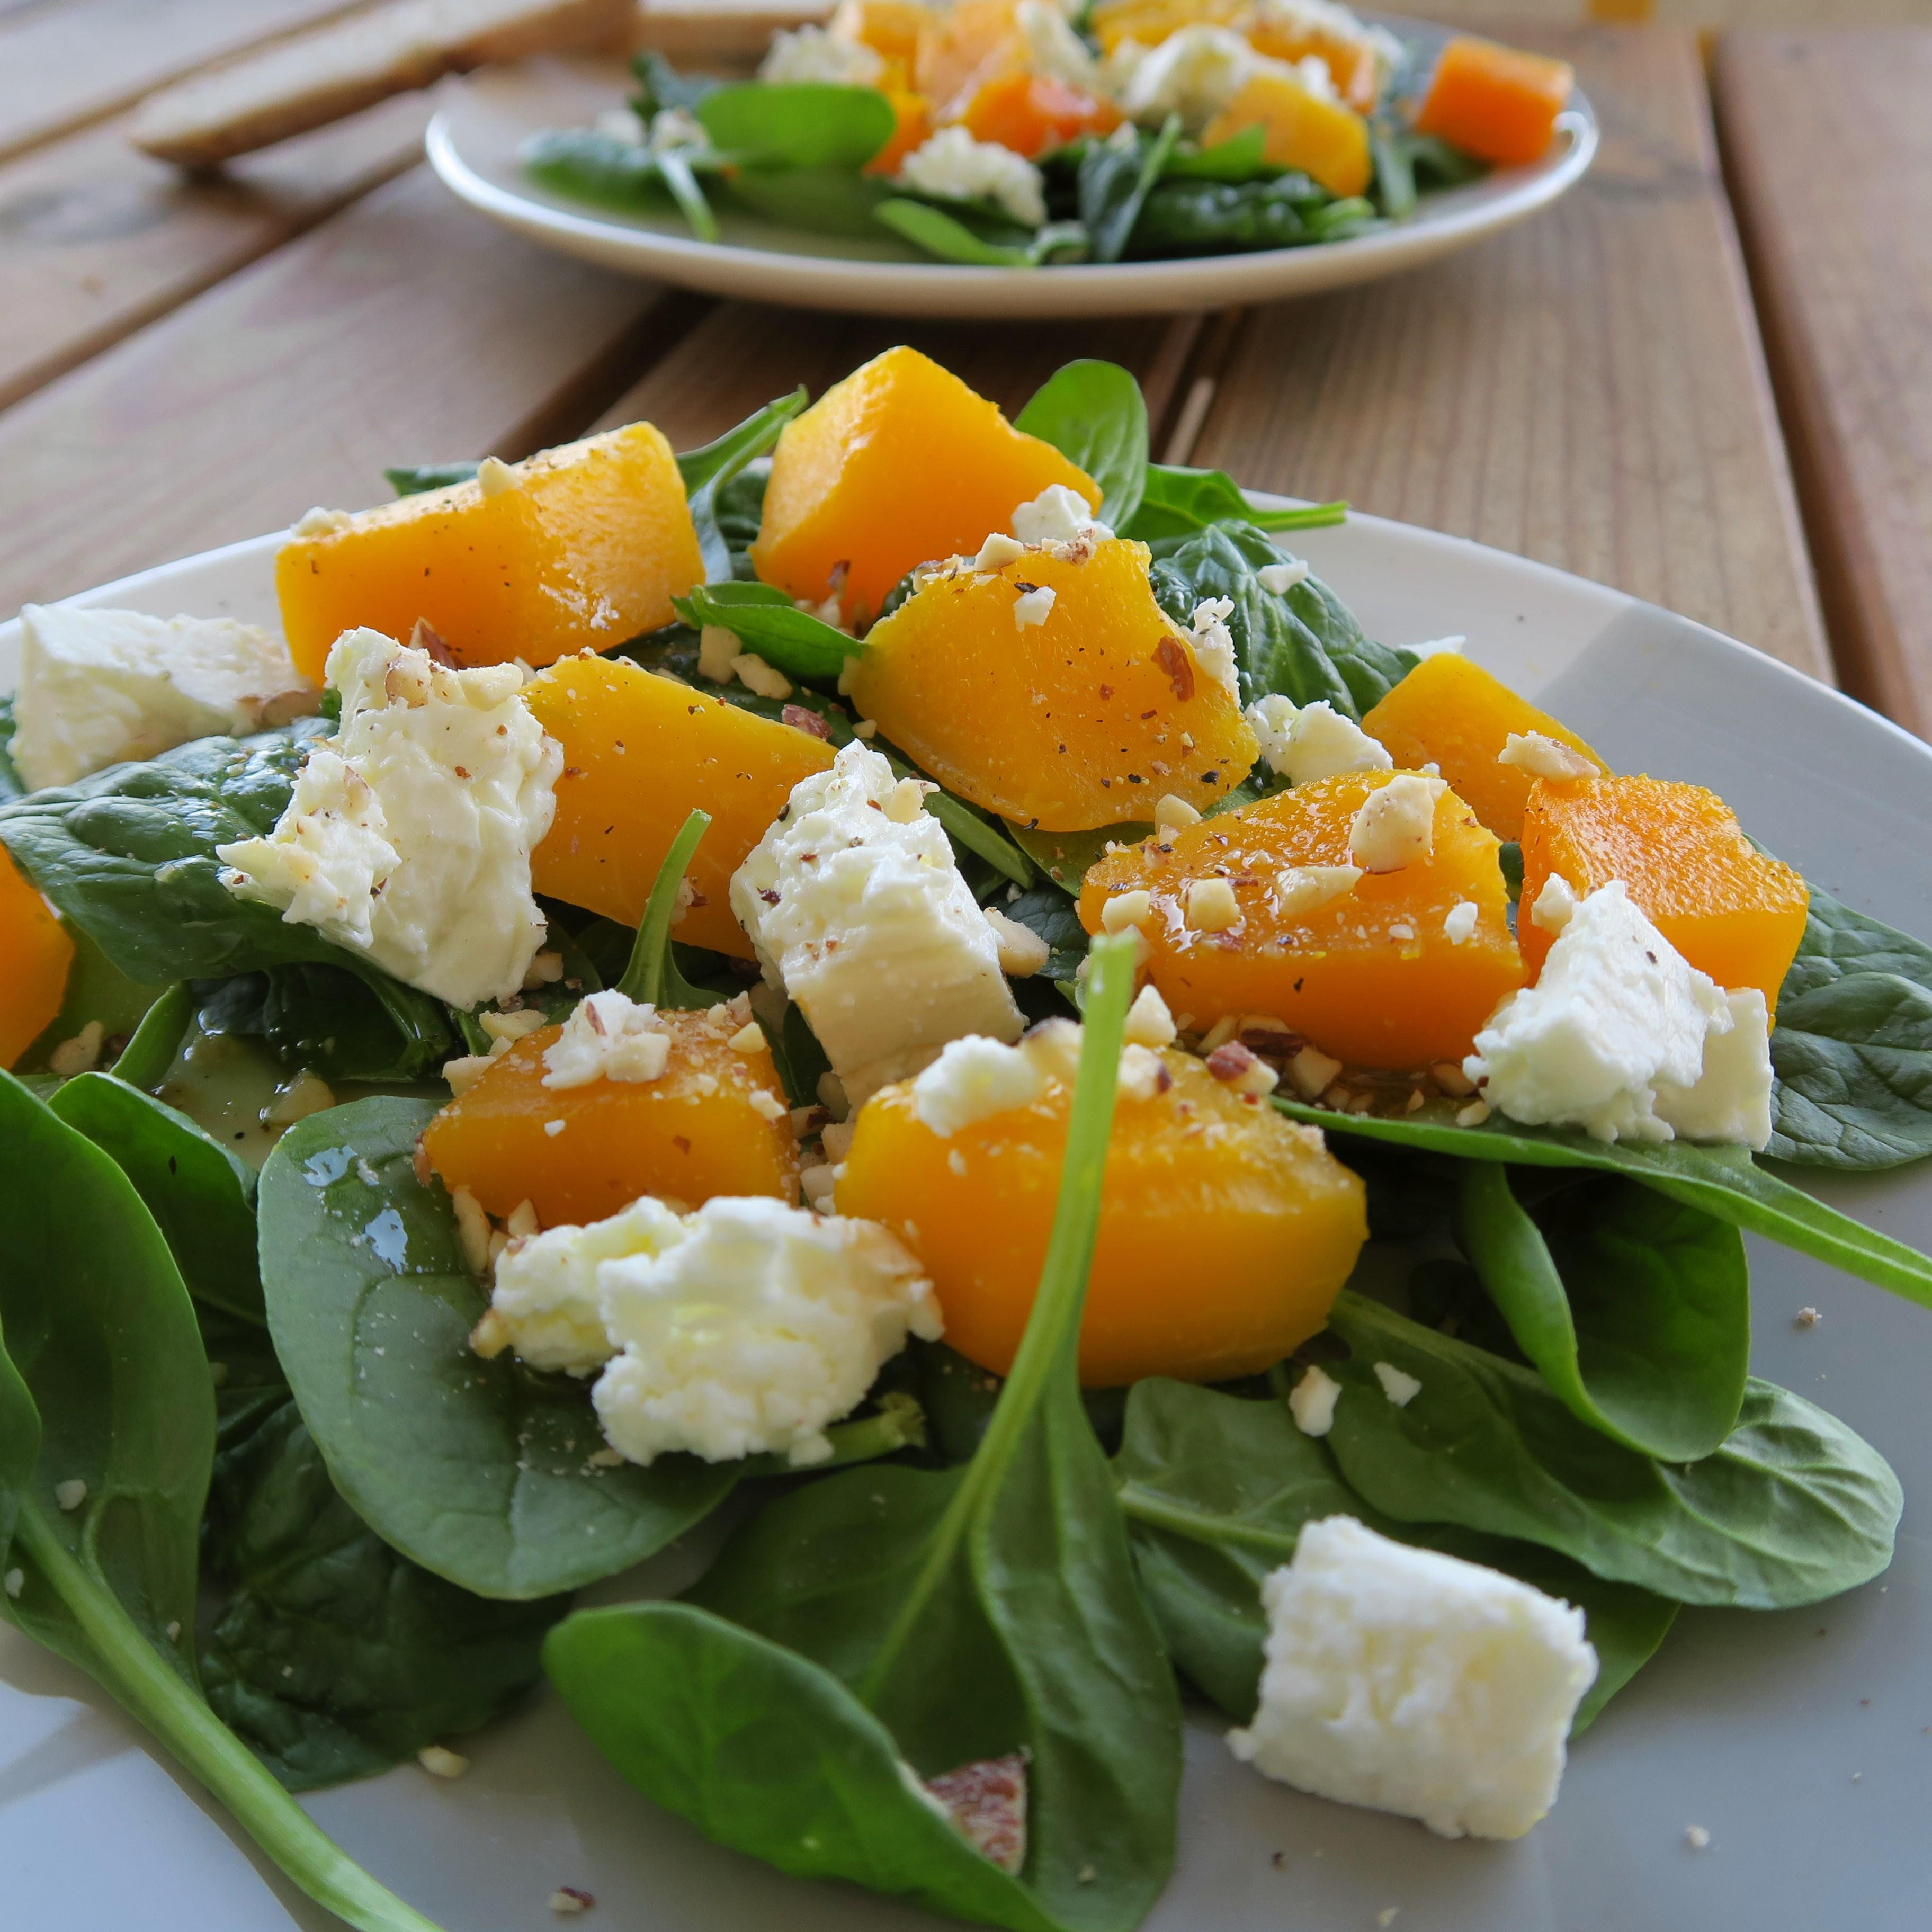 Salade de courge aux épinards frais, fêta et noisette